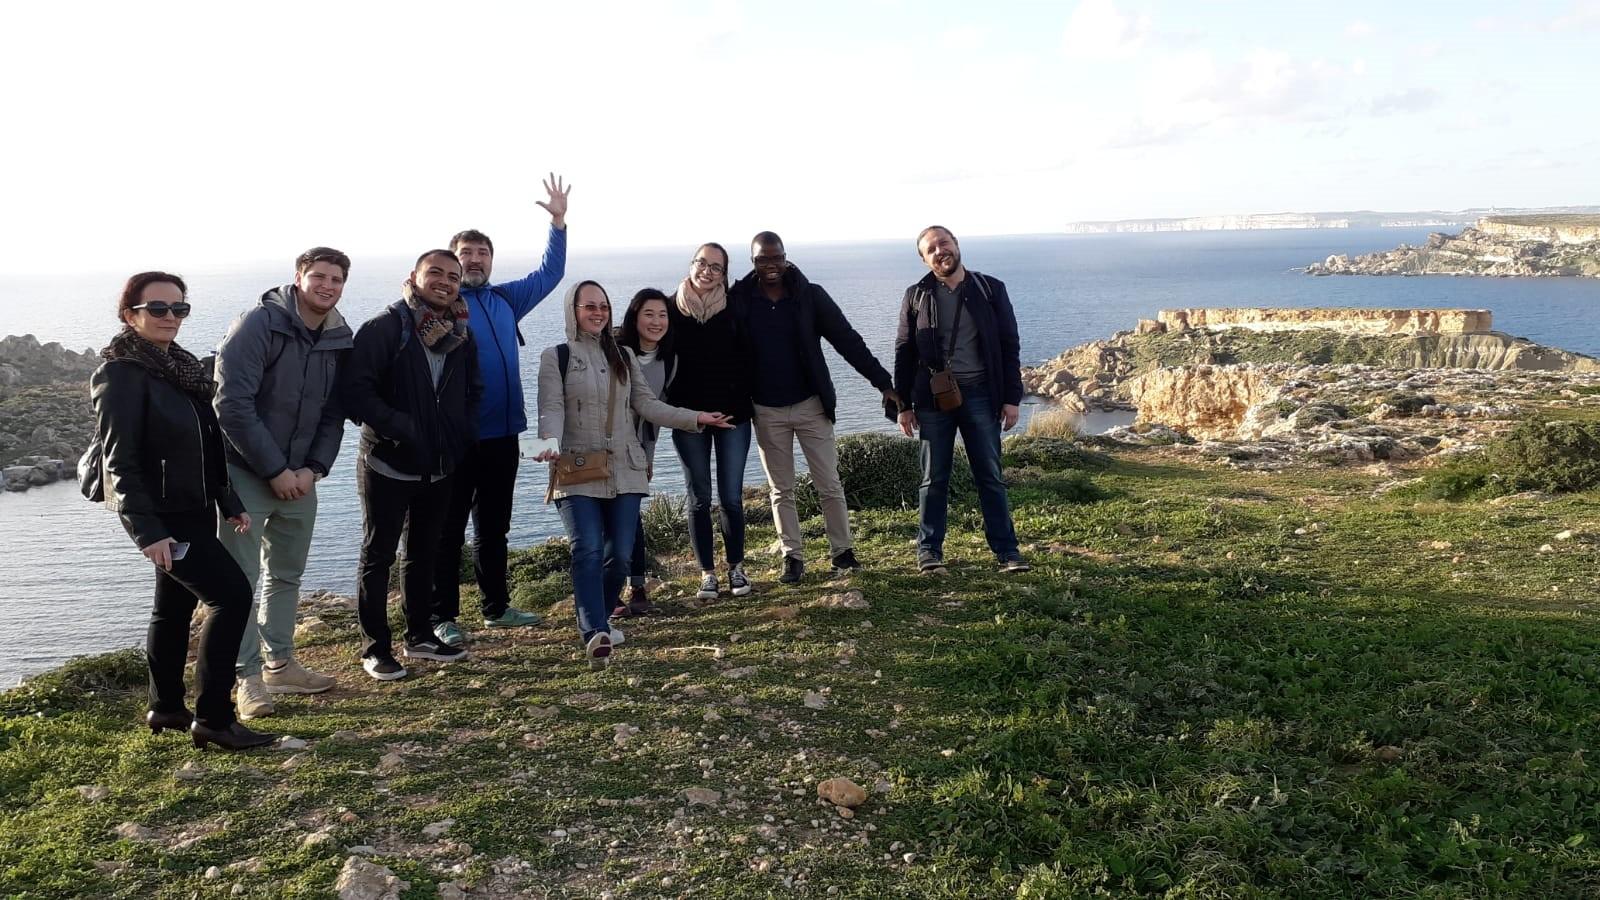 Gateway School of English GSE Malta countryside walks 冬に英語を学ぶ, студирати енглески на зими, 冬天学英语, télen tanulni angolul, học tiếng anh vào mùa đông